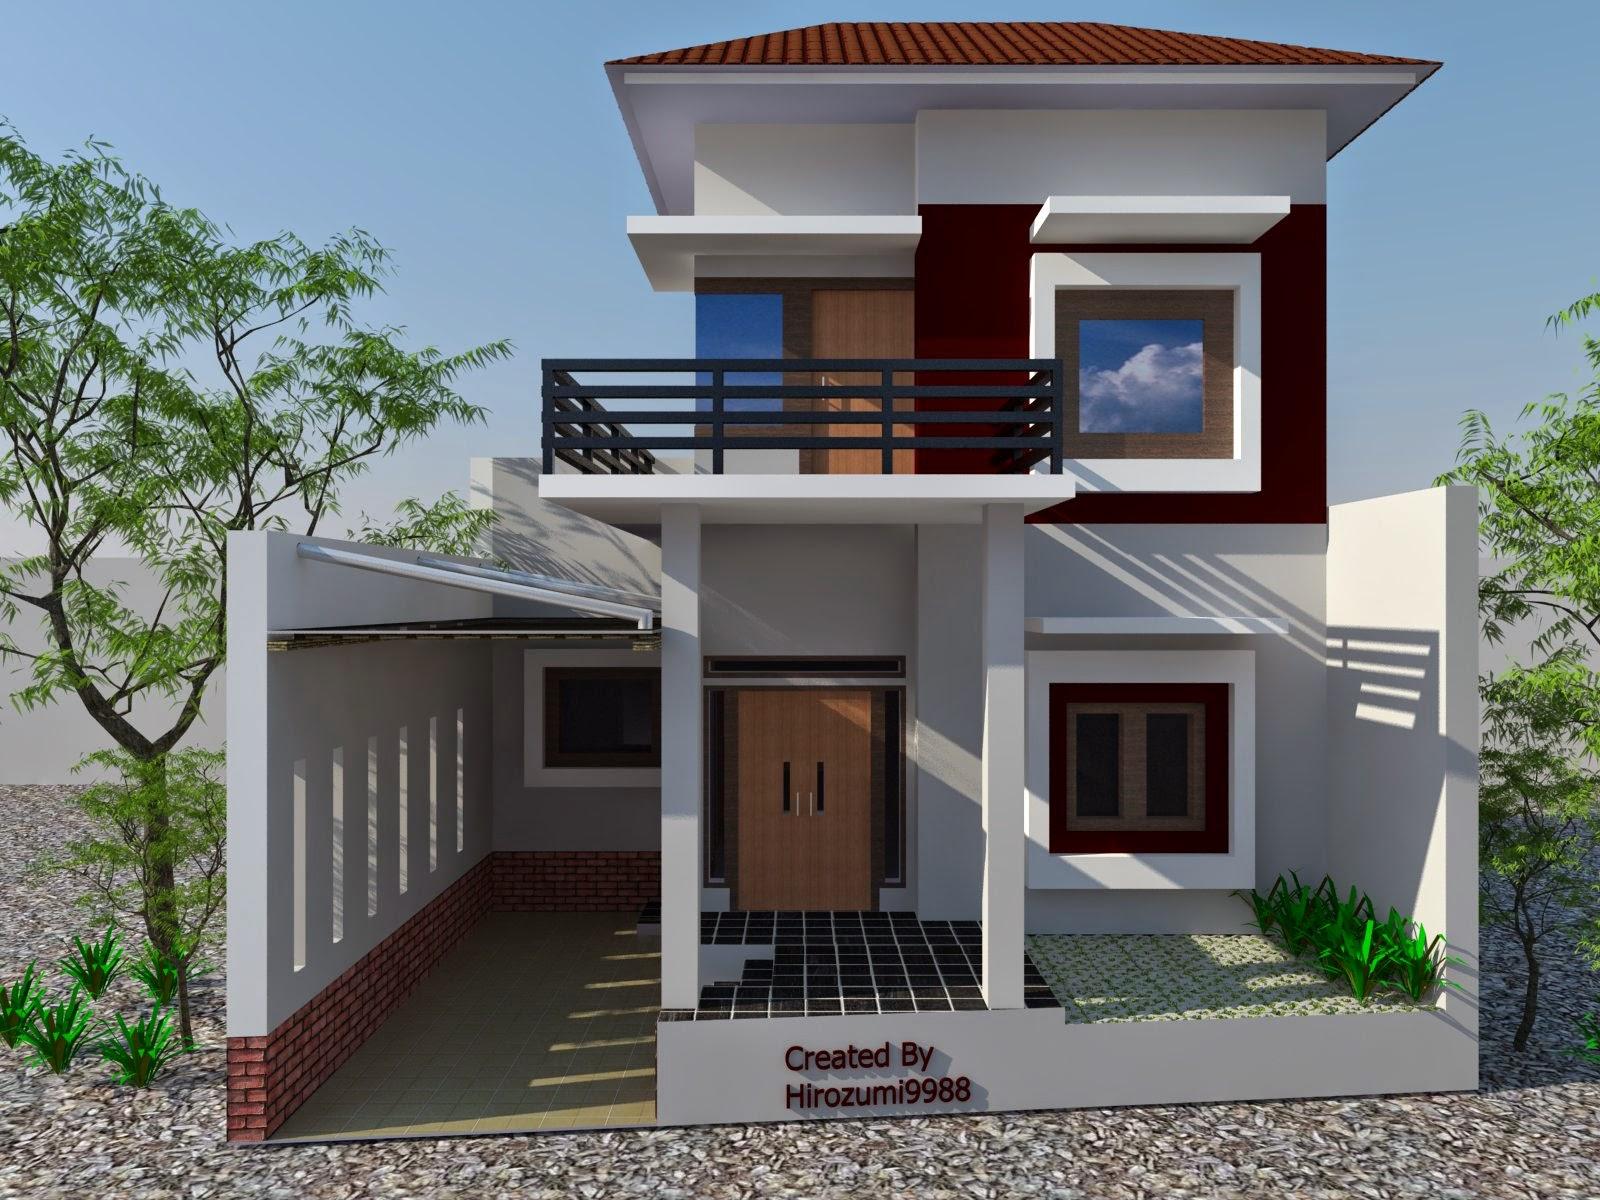 61 Desain Rumah Minimalis 2 Lantai Dan Harganya Desain Rumah